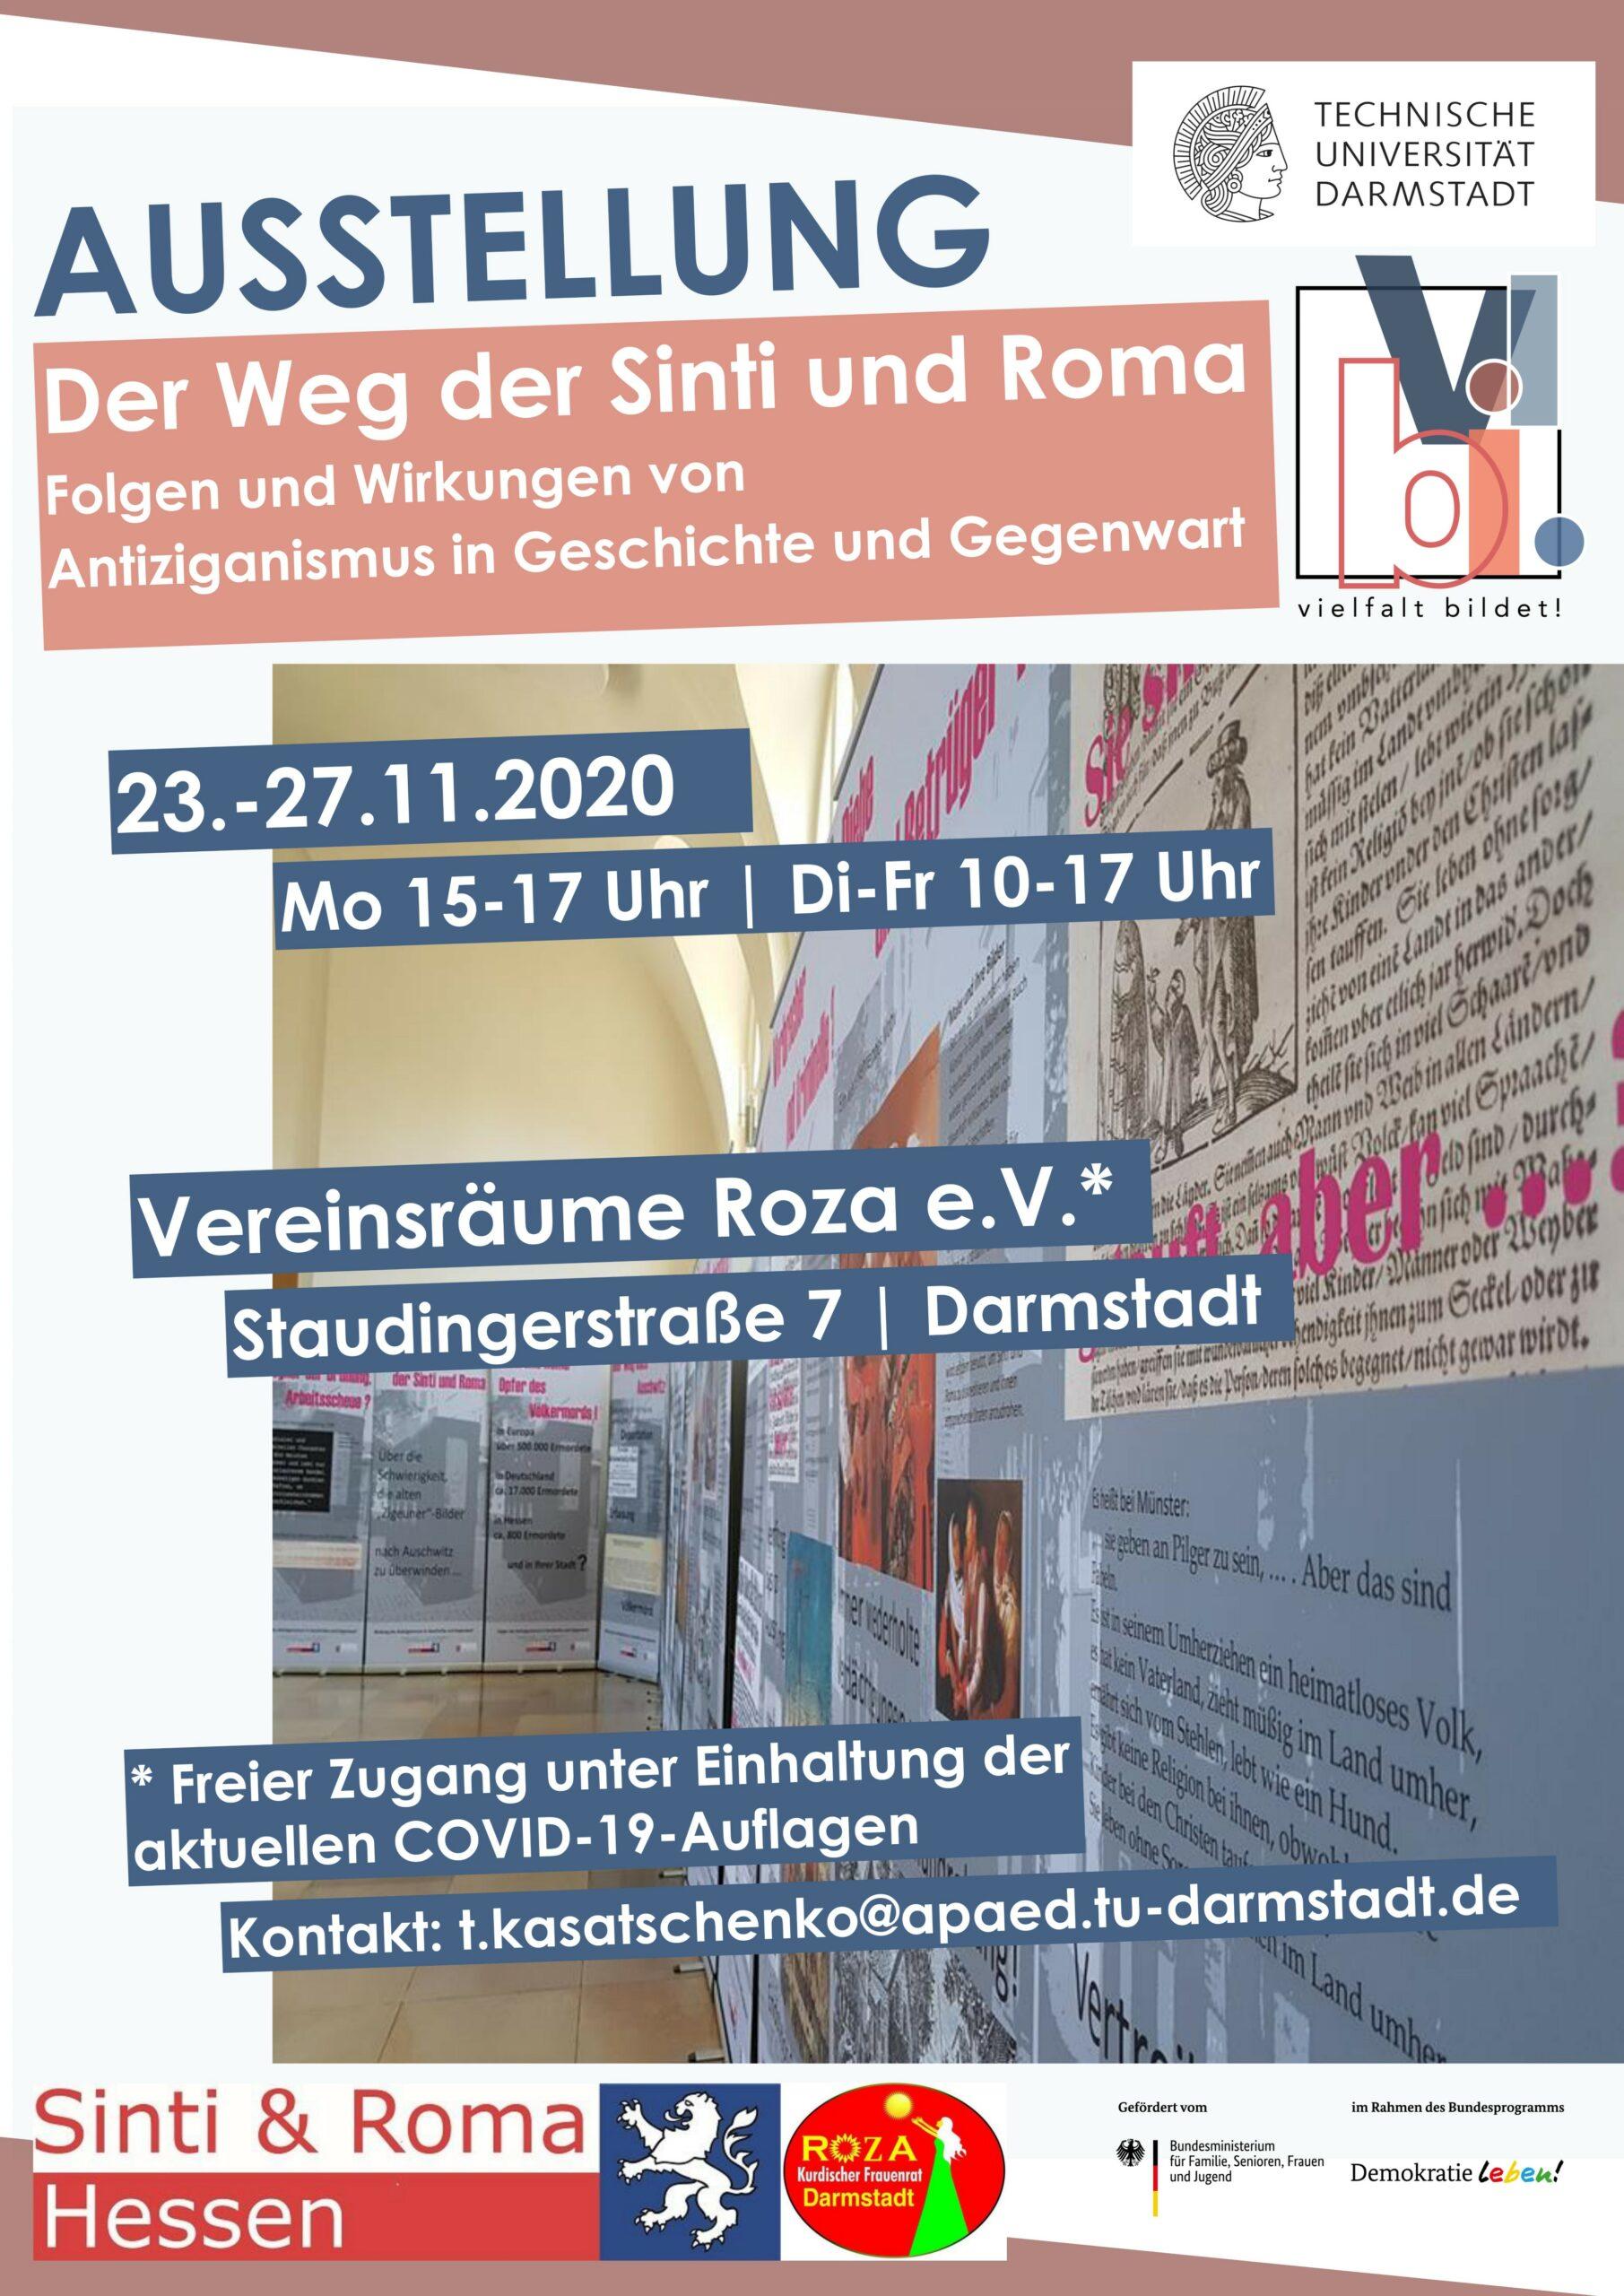 Ausstellungsplakat mit den im Blogbeitrag genannten Informationen zur Ausstellung (Titel, Dauer, Ort), im Hintergrund sind die Ausstellungstafeln selbst zu sehen